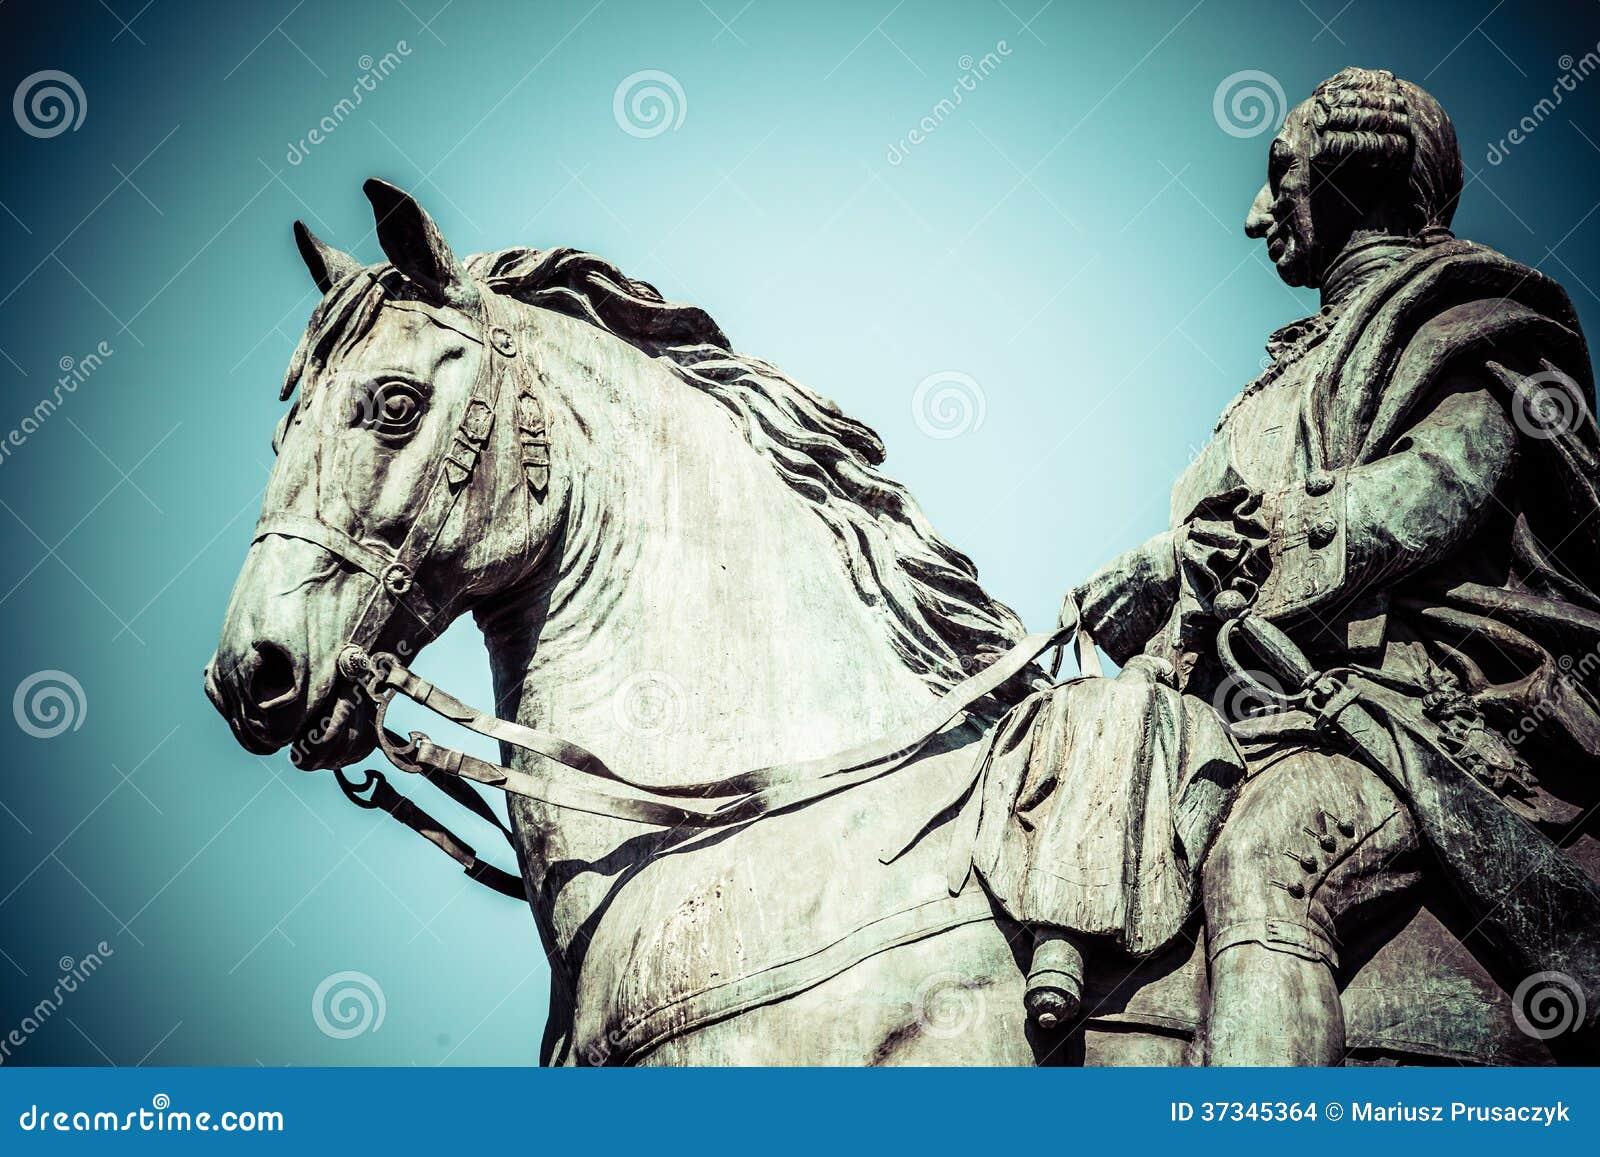 Het monument van Charles III op Puerta del Sol in Madrid, Spanje